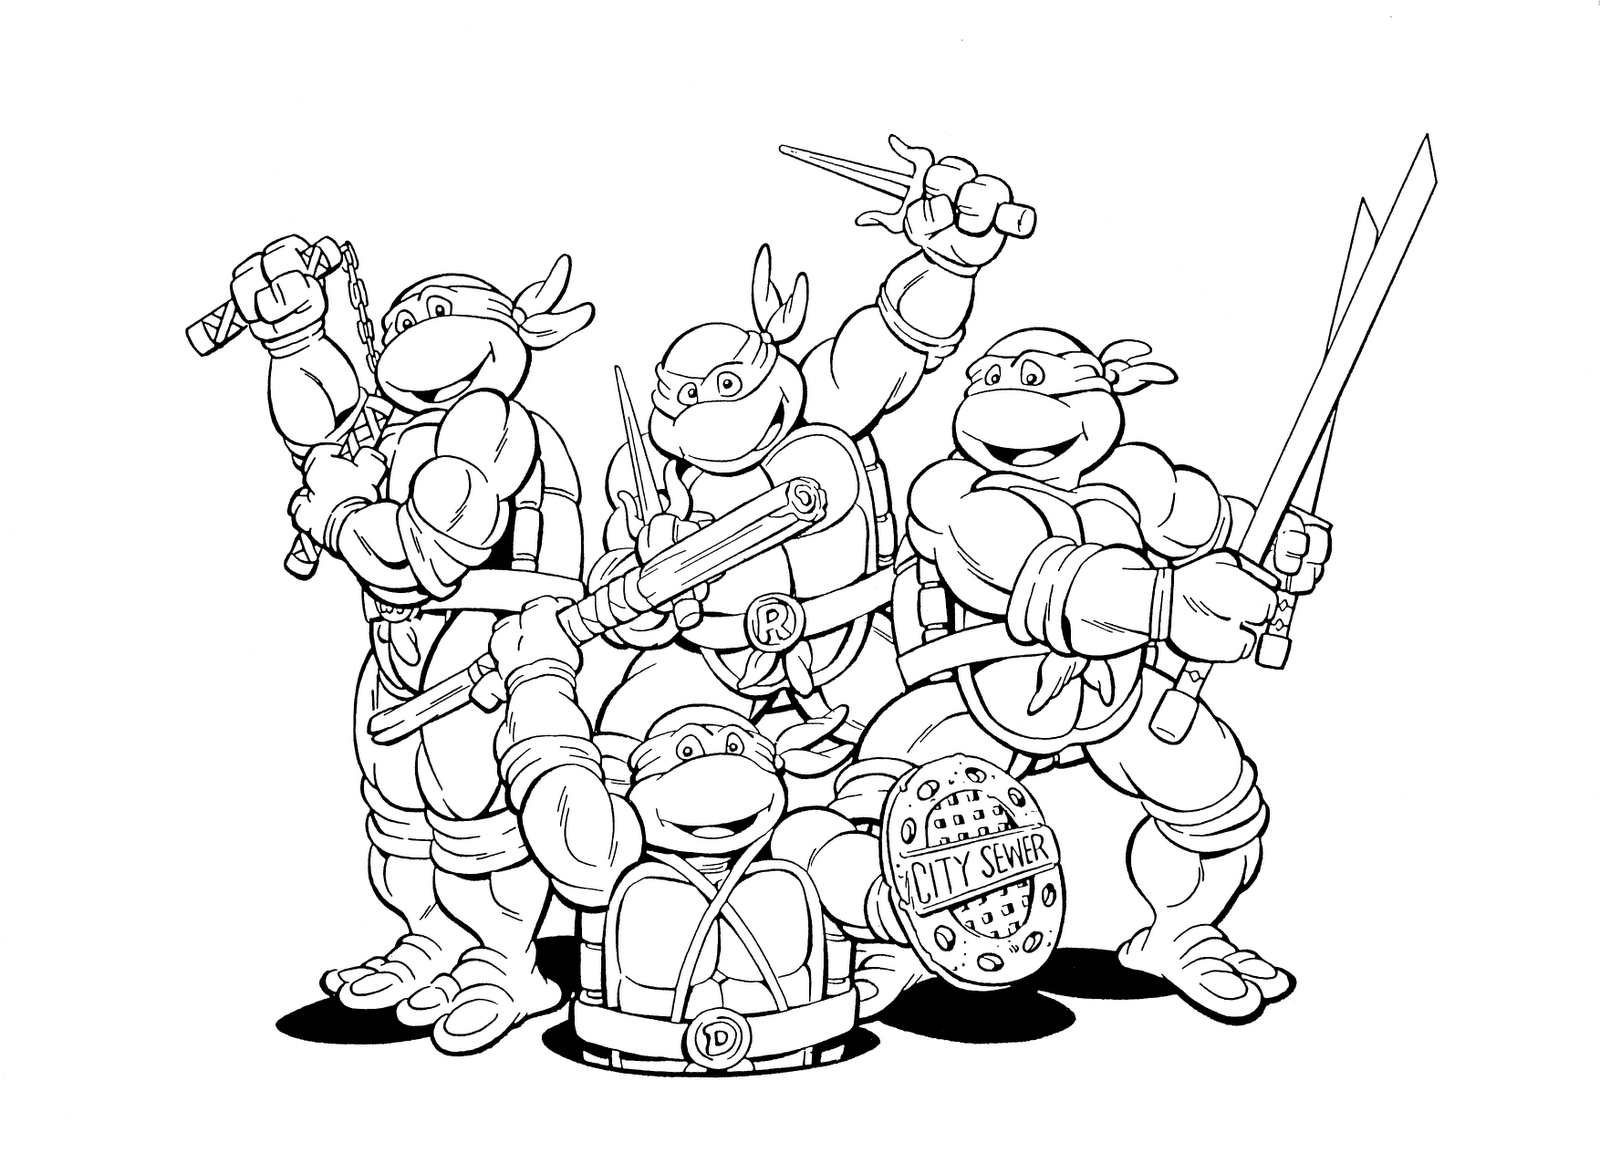 ninja turtles for coloring craftoholic teenage mutant ninja turtles coloring pages for turtles coloring ninja